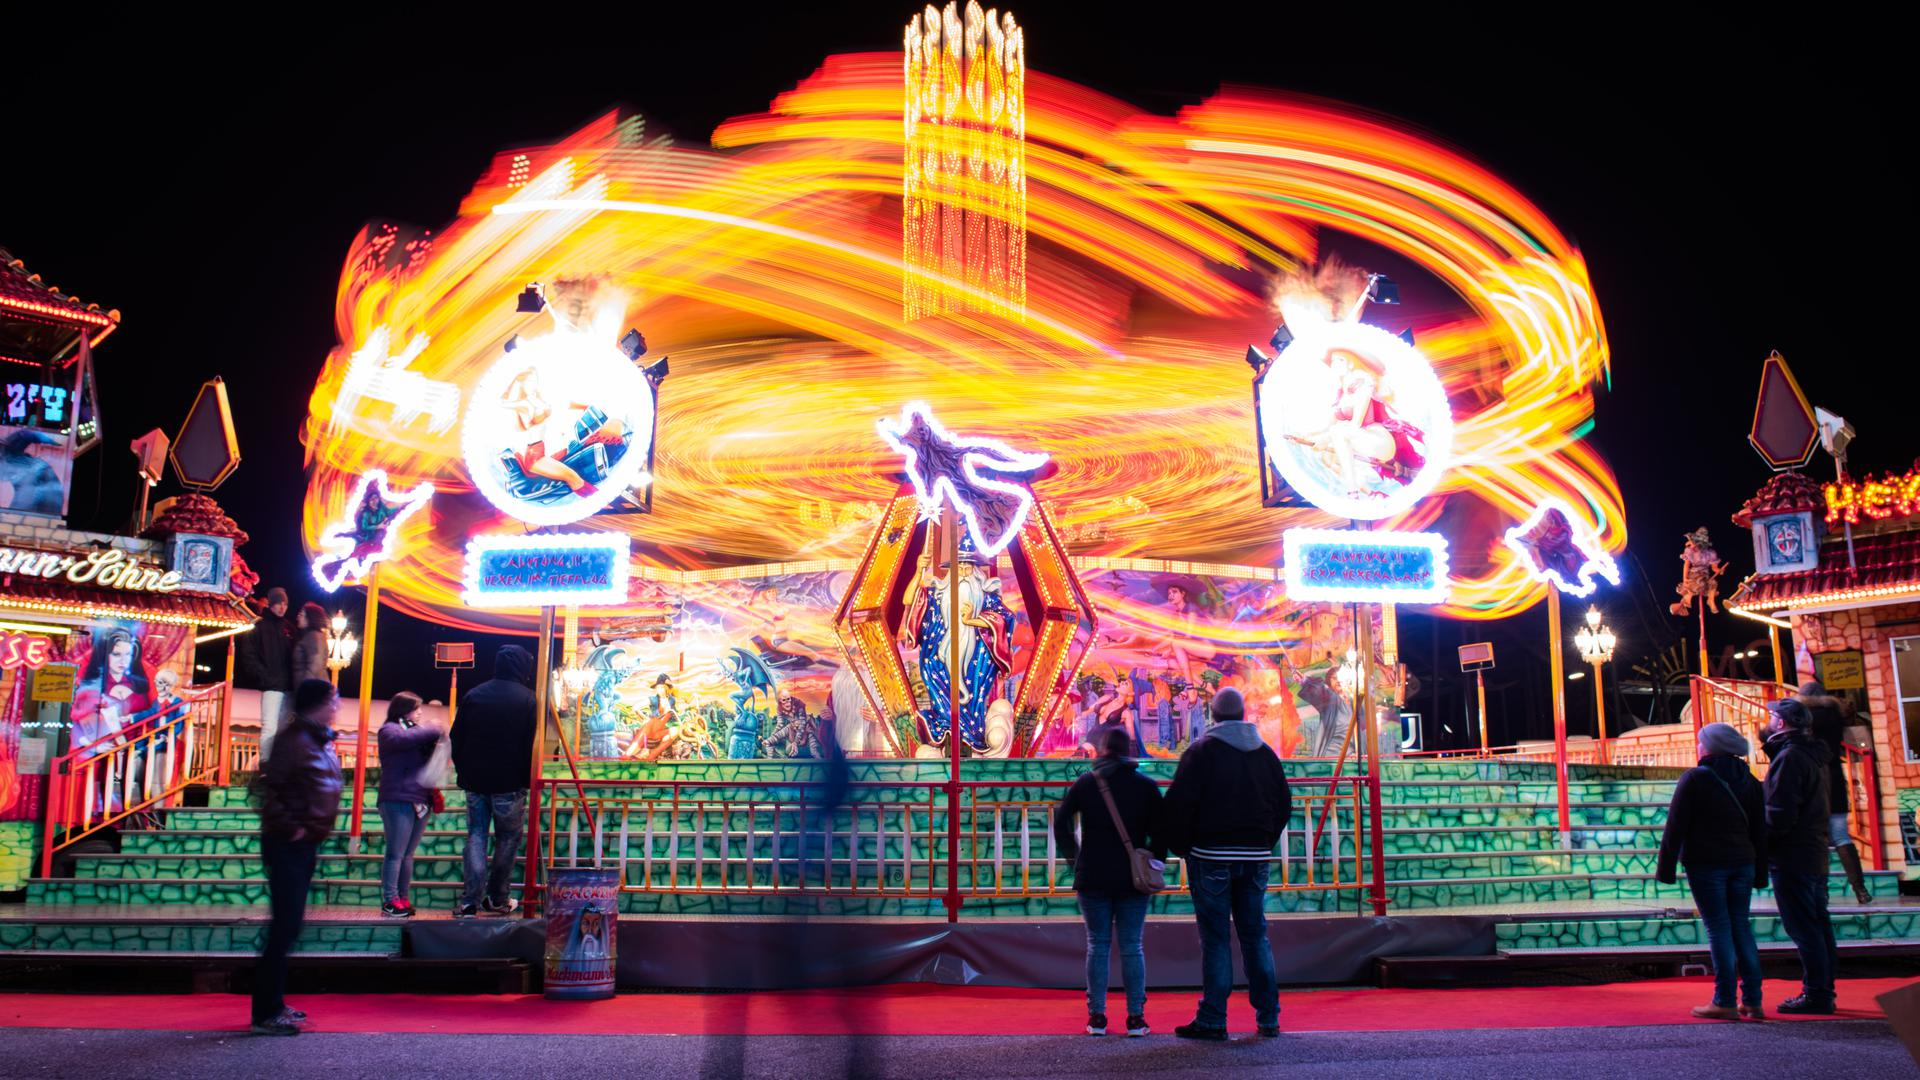 """Das Fahrgeschäft """"Hexentanz"""" zieht am 20.03.2016 in Hamburg auf dem Volksfest """"Hamburger Dom"""" bunte Lichtstreifen (Aufnahme mit langer Belichtungszeit). Zum vergangenen Wochenende hat der Frühlingsdom eröffnet. Foto: Daniel Bockwoldt/dpa ++ +++ dpa-Bildfunk +++"""